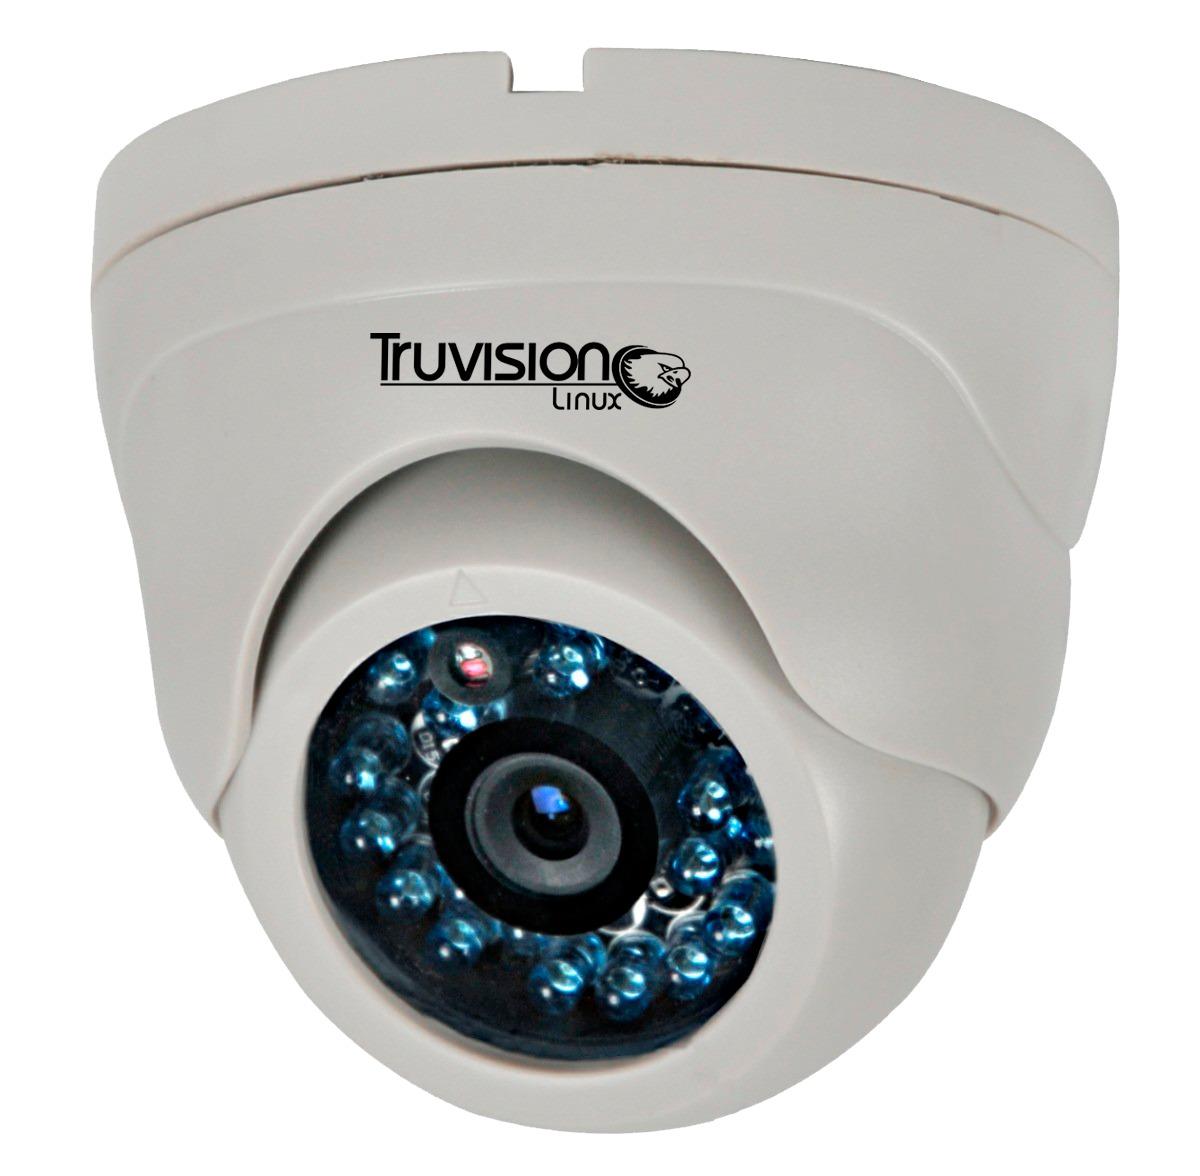 Kit completo video vigilancia cctv dvr 8 canales 4 - Camaras seguridad ip ...